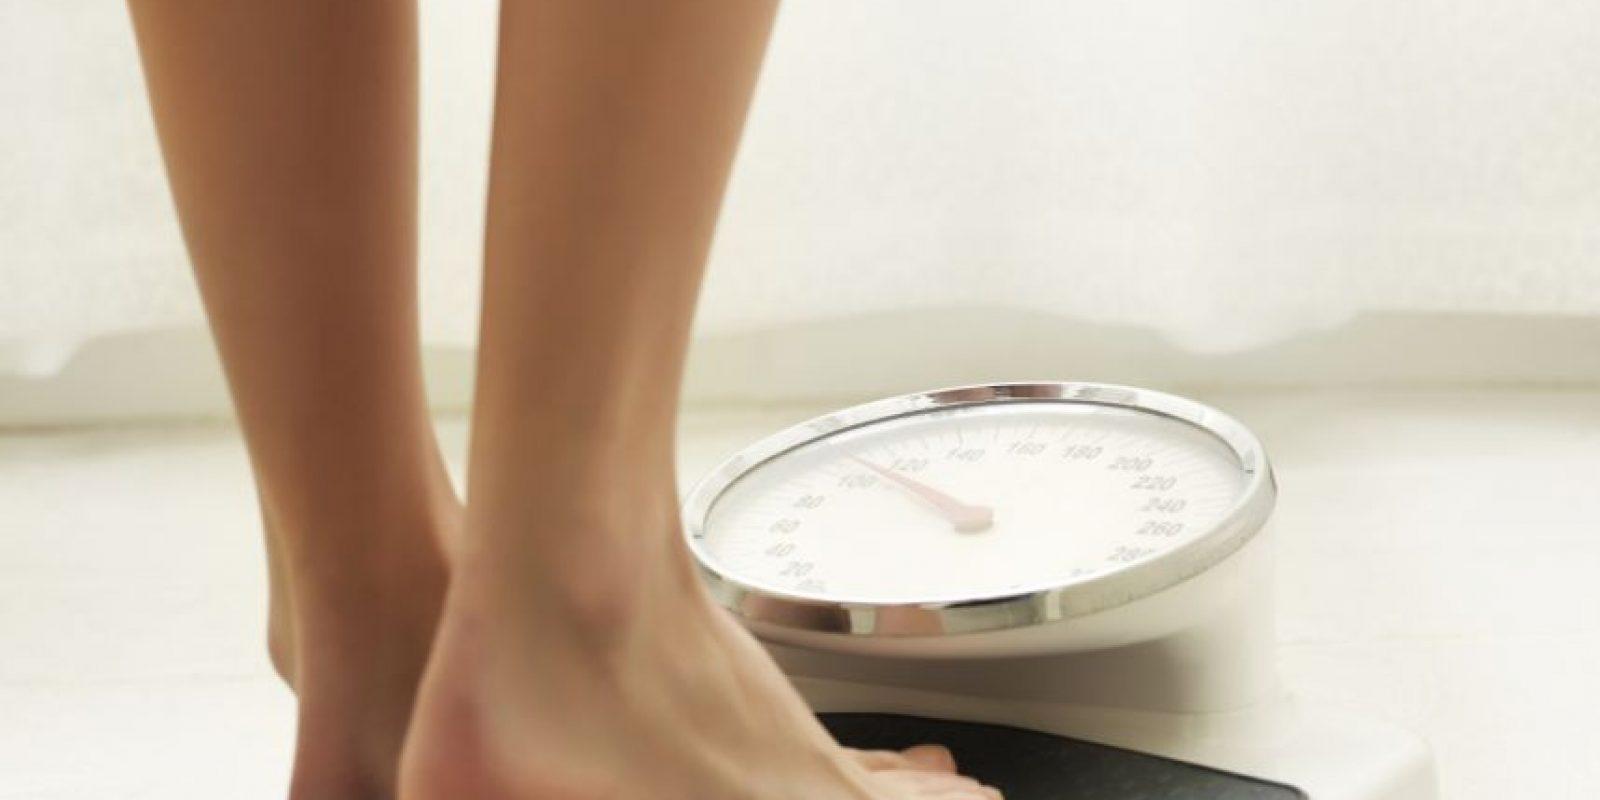 Haber tenido un peso saludable en la adolescencia Foto:Agencias